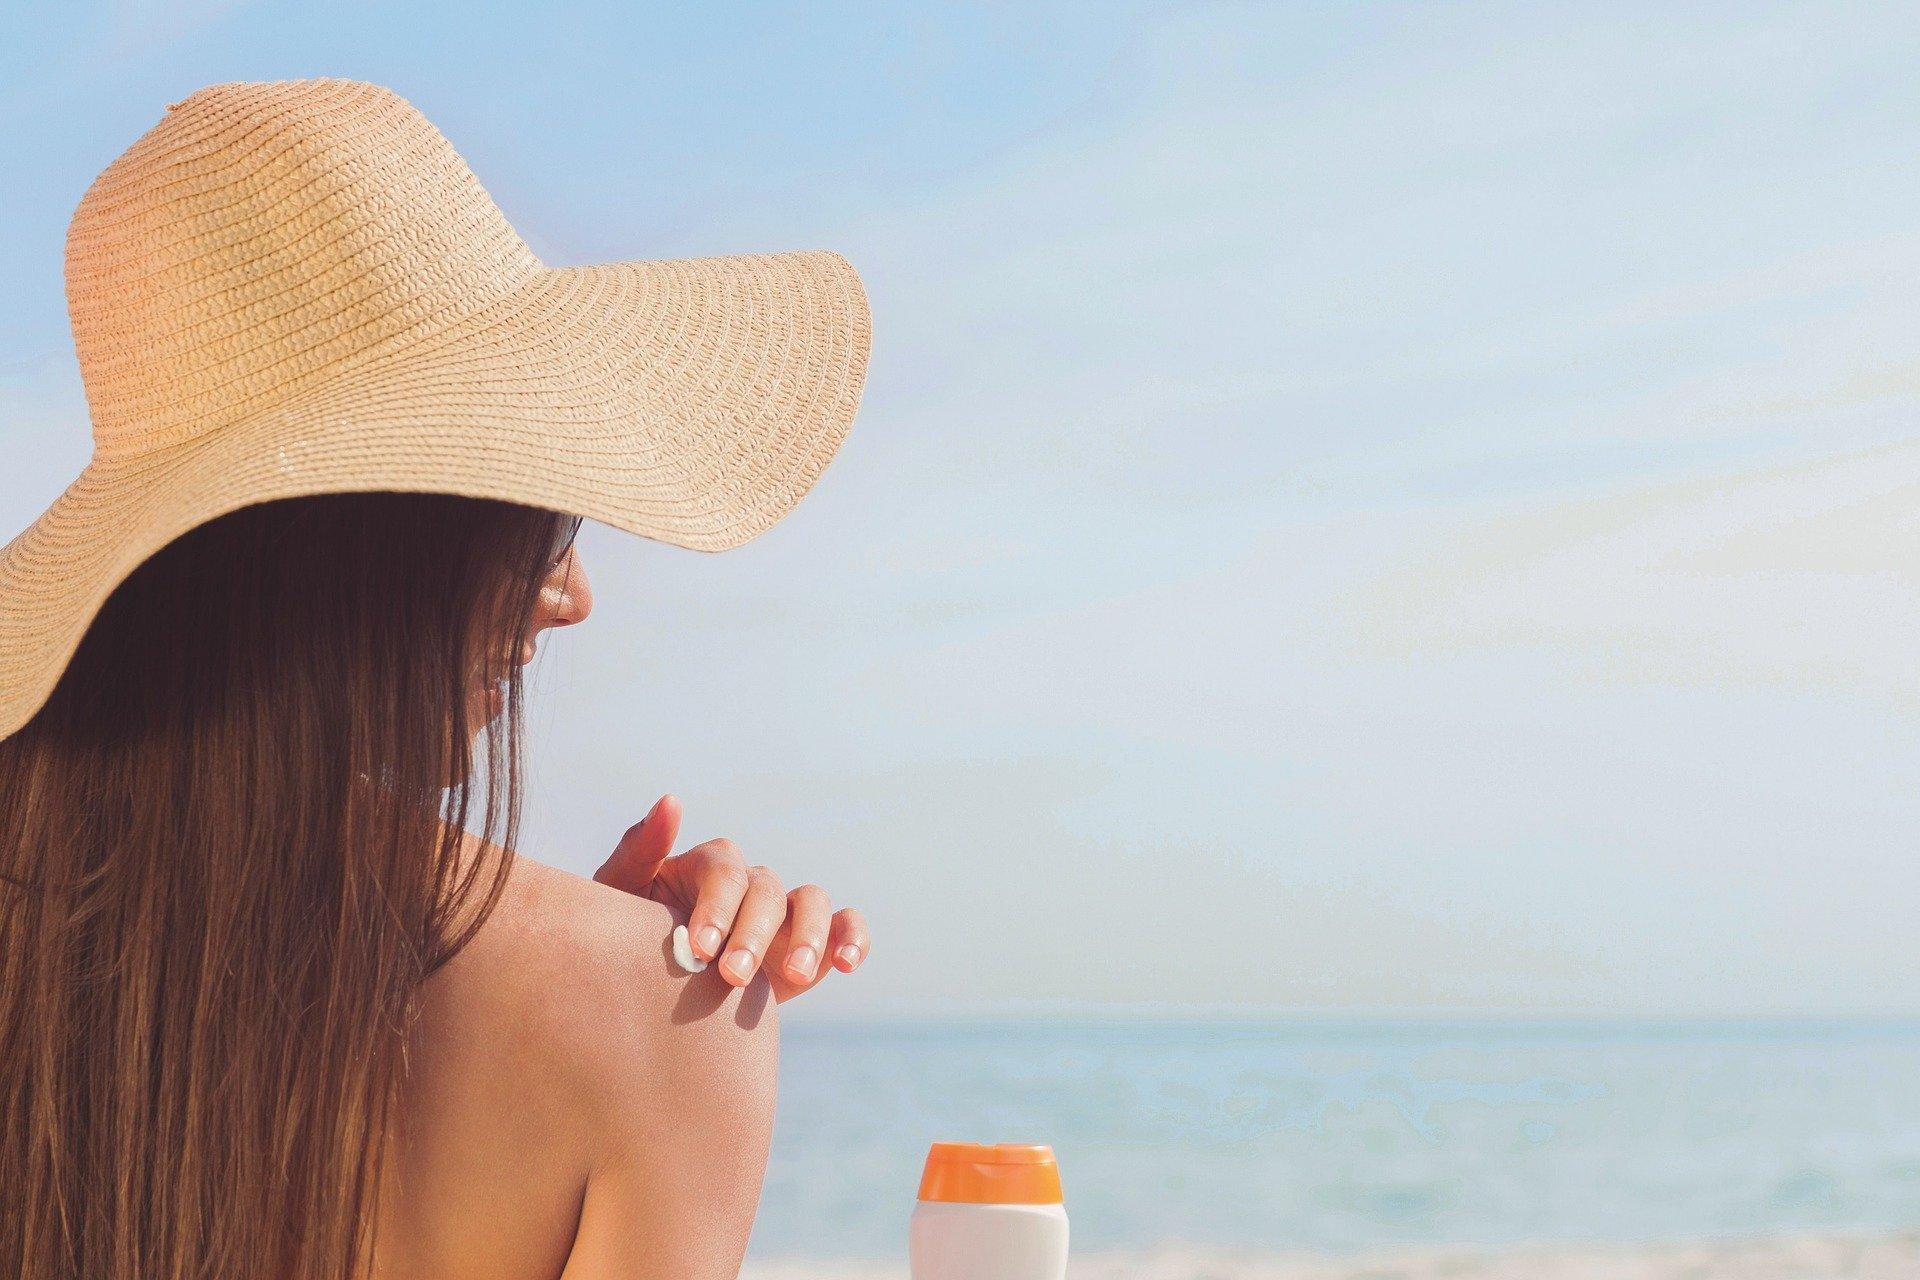 tomar el sol durante la quimioterapia